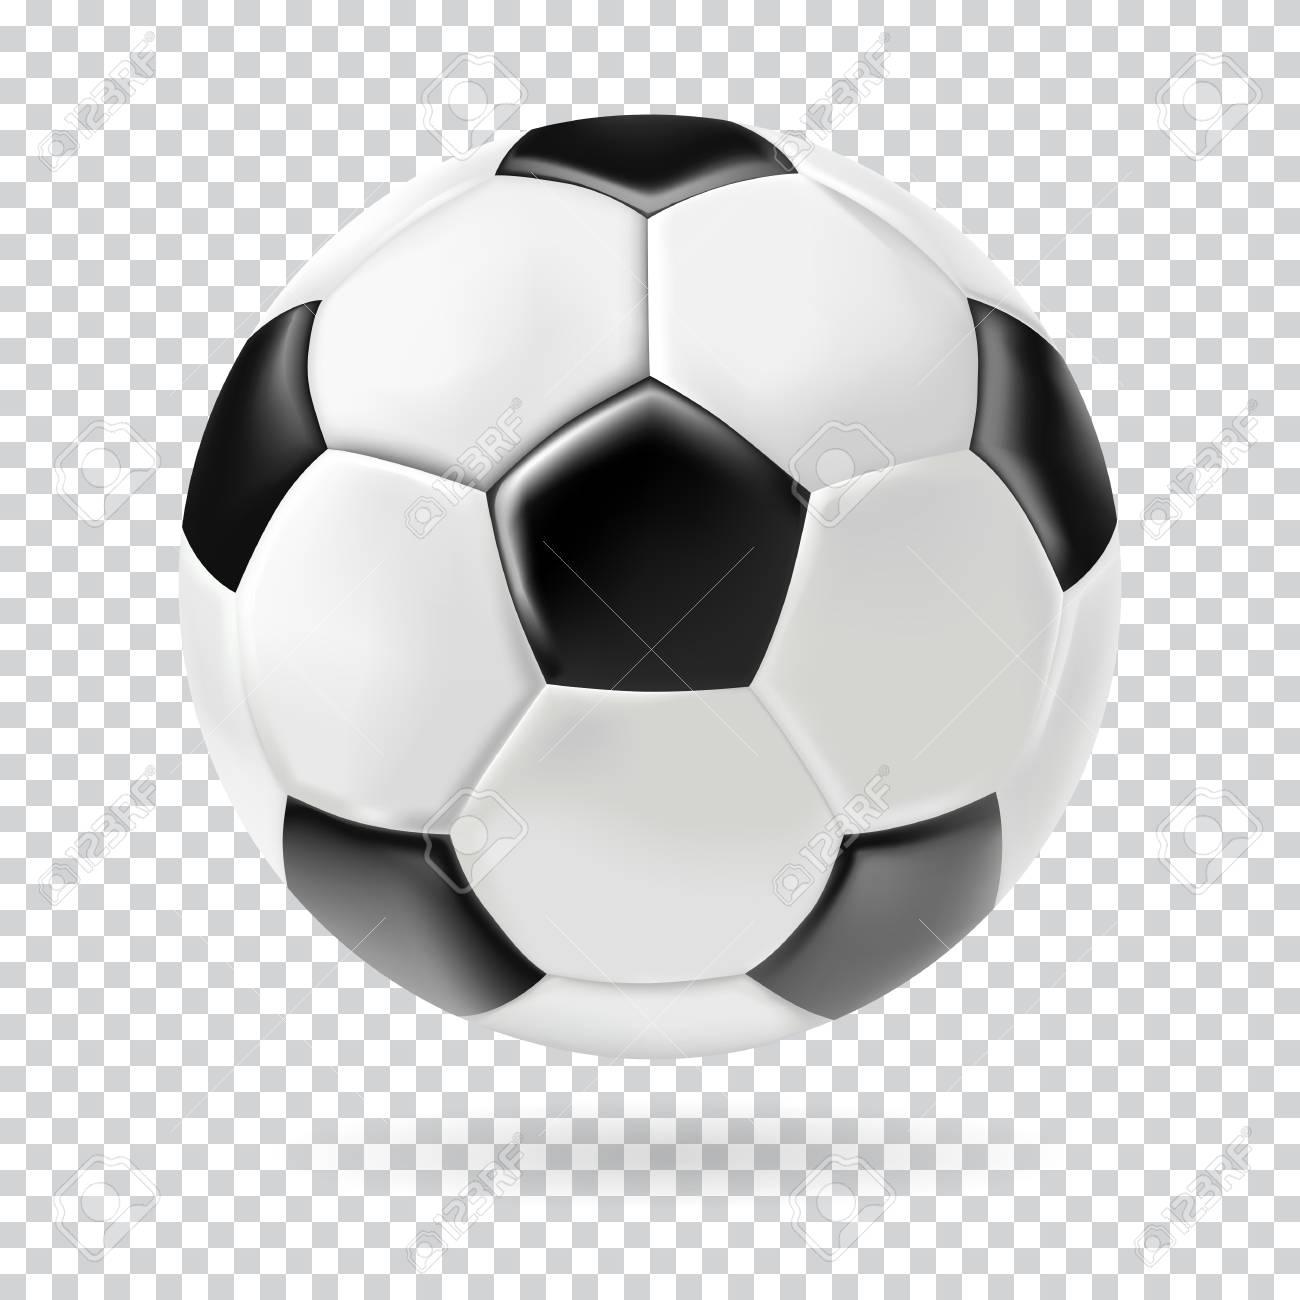 Bola aislada fútbol del vector 3d en fondo transparente. Estilo realista  Foto de archivo - 557497bda7360